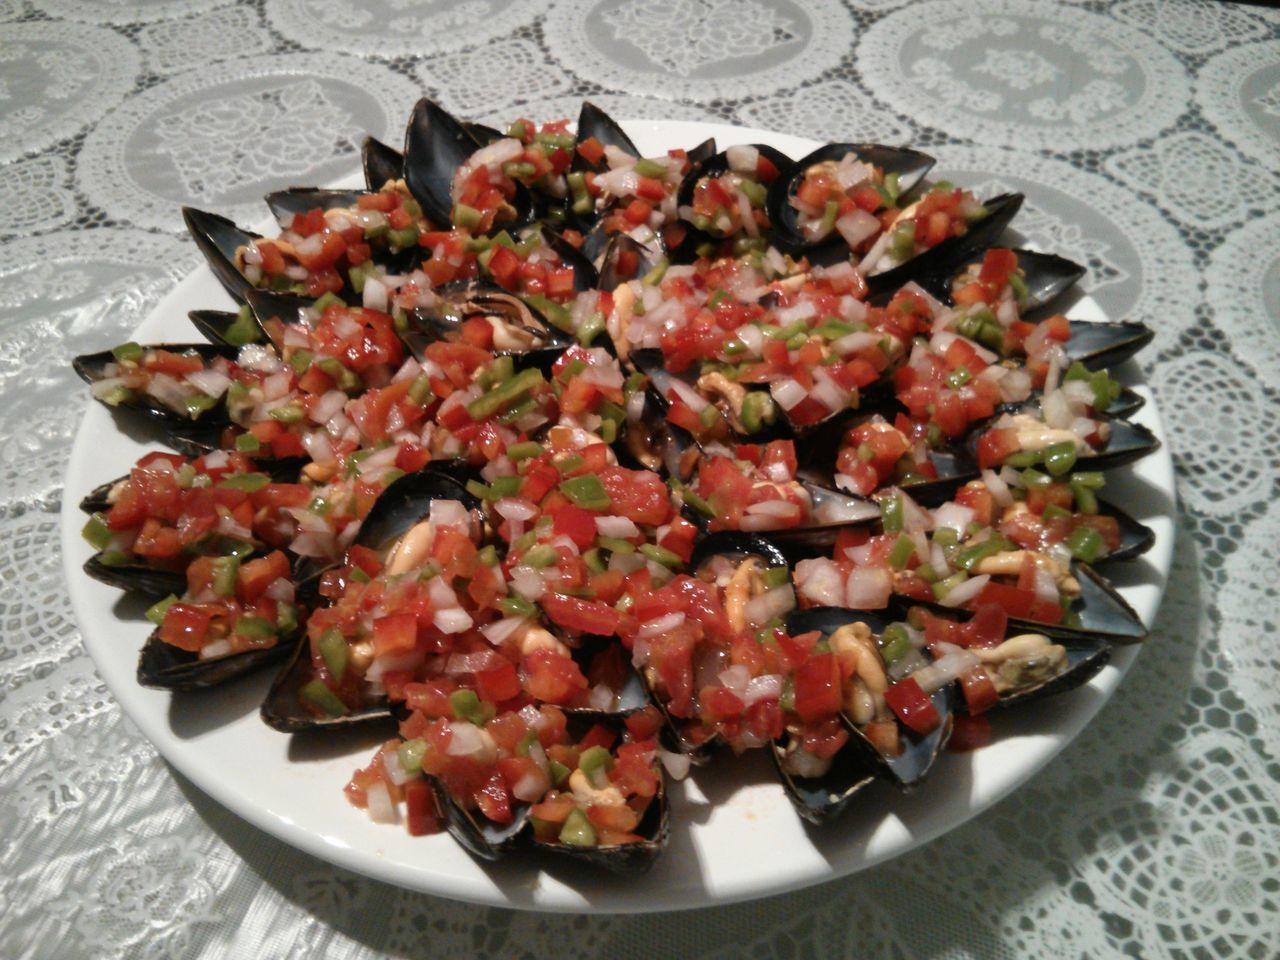 Mejillones con picadillo Food Mejillones Picadillo Food Porn Awards